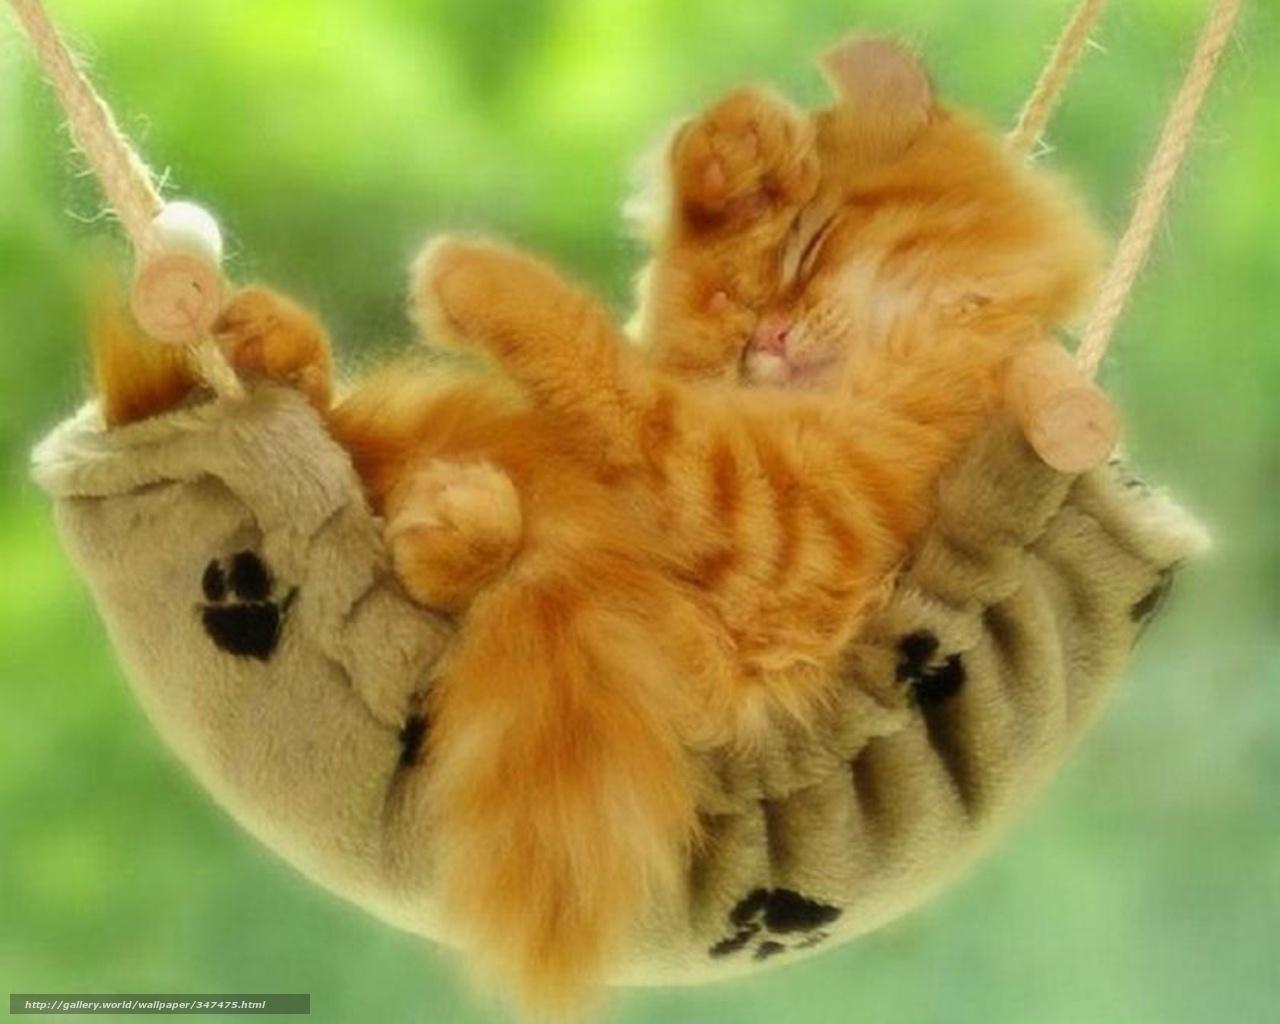 Scaricare gli sfondi animali gatto amaca riposo sfondi for Animali desktop